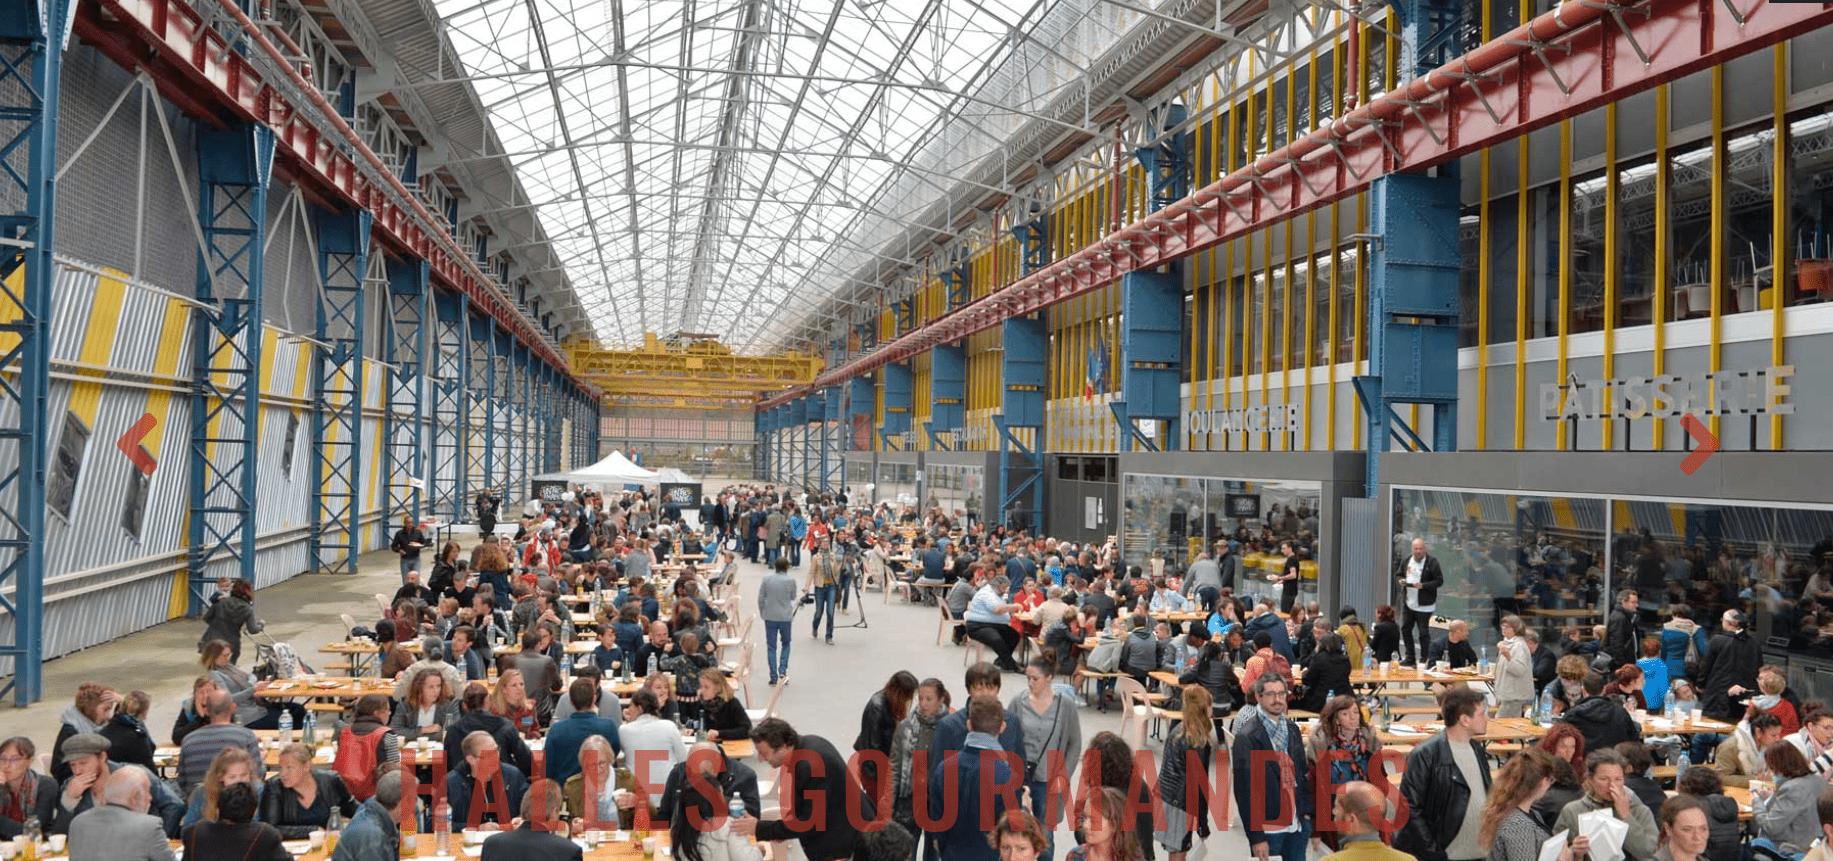 projets d'urbanisme à Lille - fives cail - investir à Lille